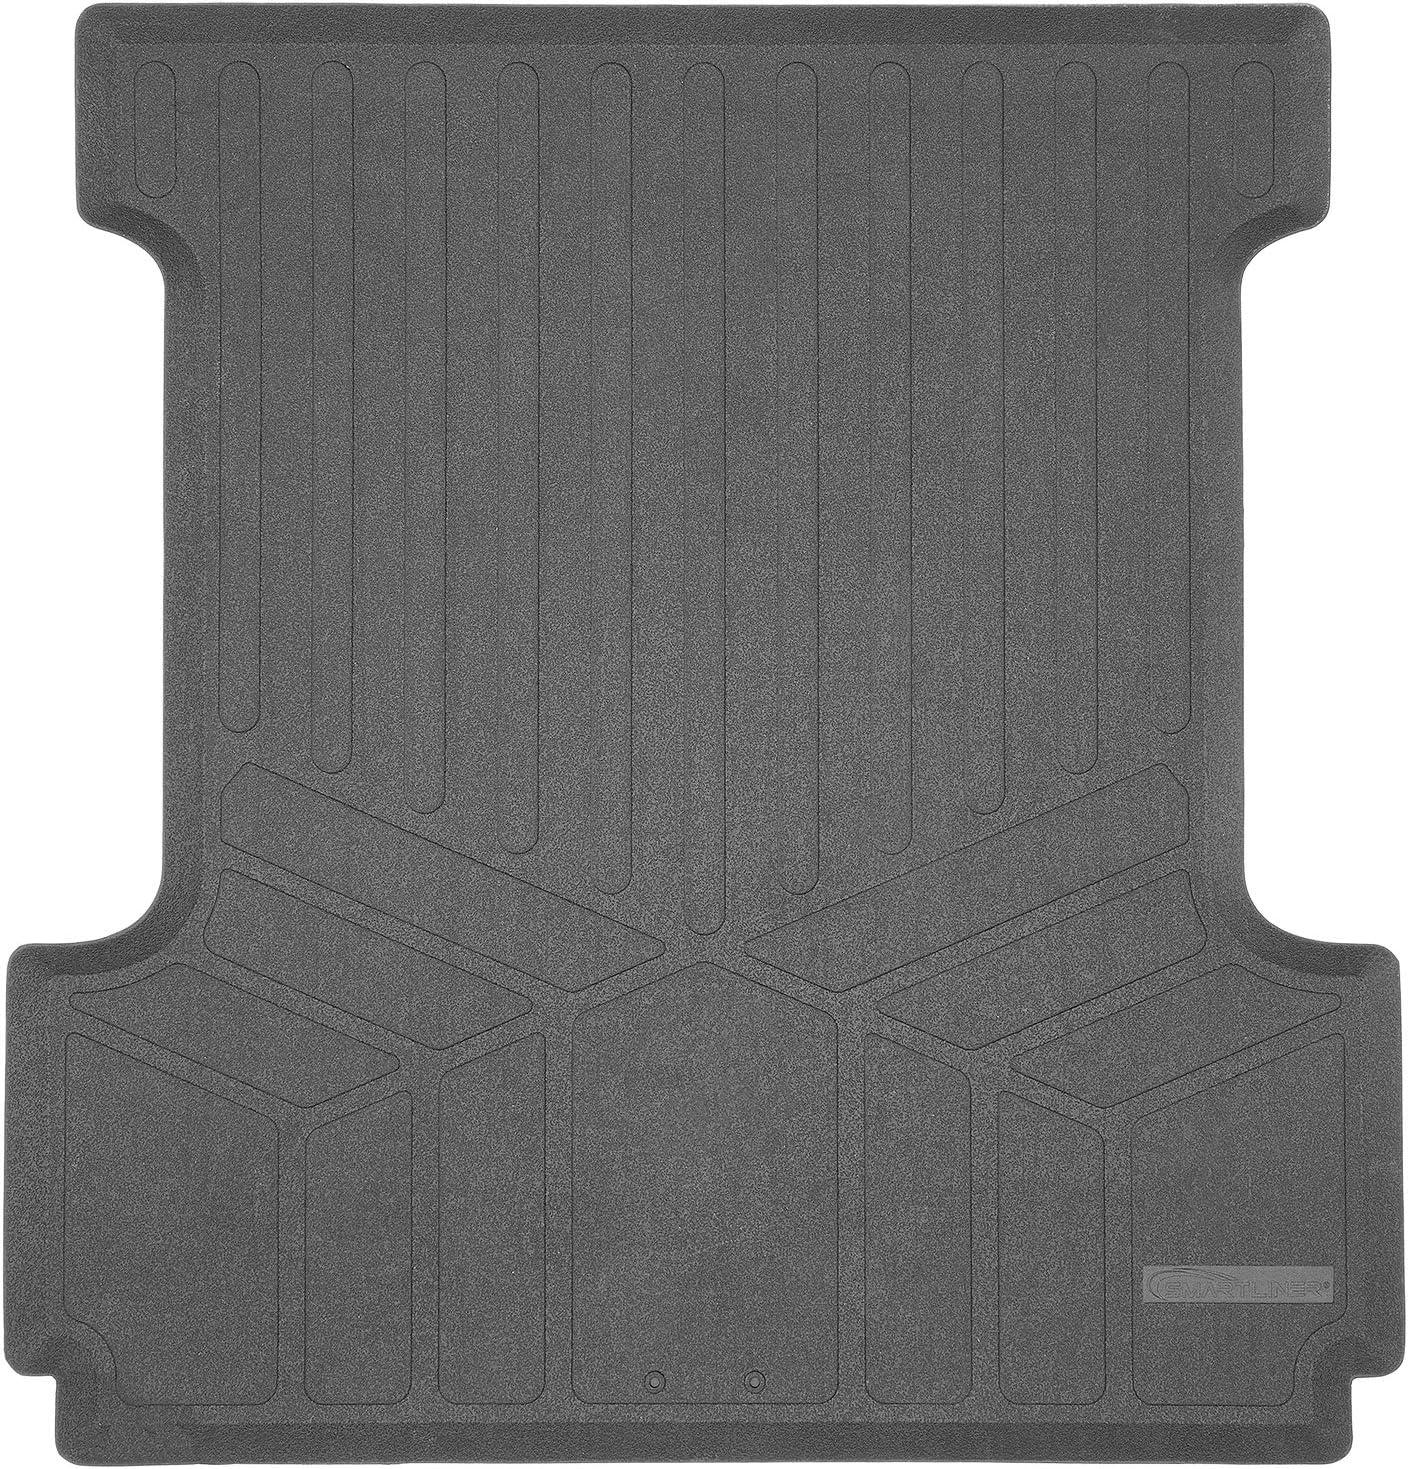 SMARTLINER K0167 Truck Rugged Rubber Bed Liner Mat